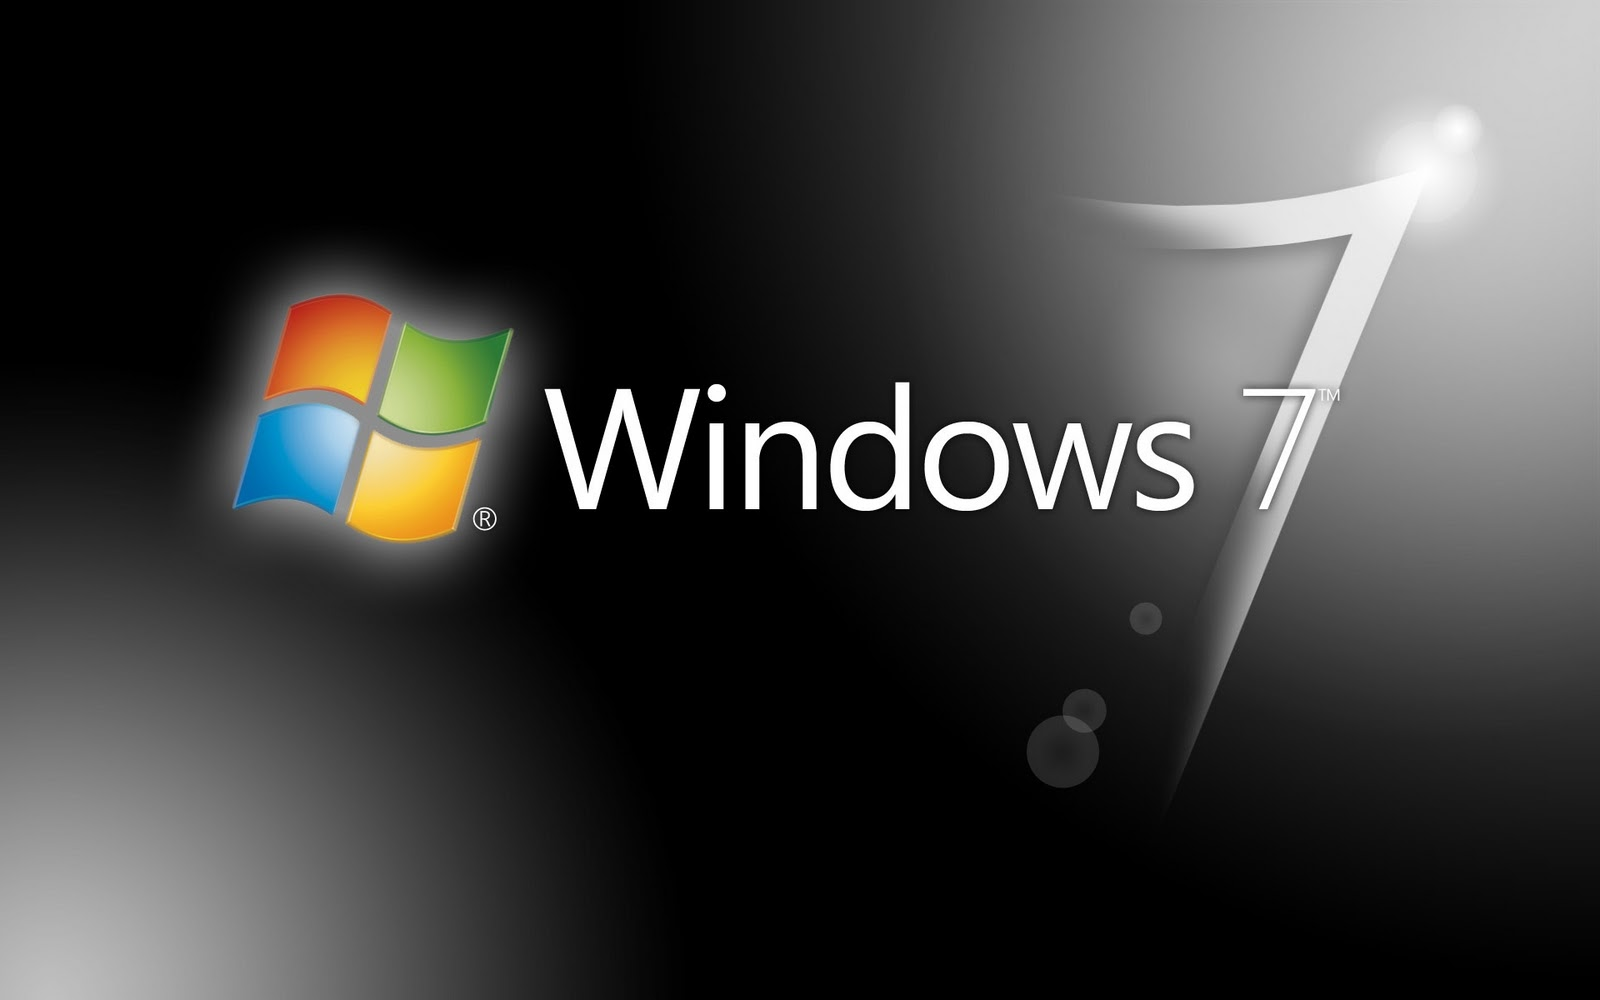 http://1.bp.blogspot.com/_RAlP3BmEW1Q/TQYPEPTURaI/AAAAAAAACZE/627y3X54H3w/s1600/The-best-top-desktop-windows-7-wallpapers-9.jpg